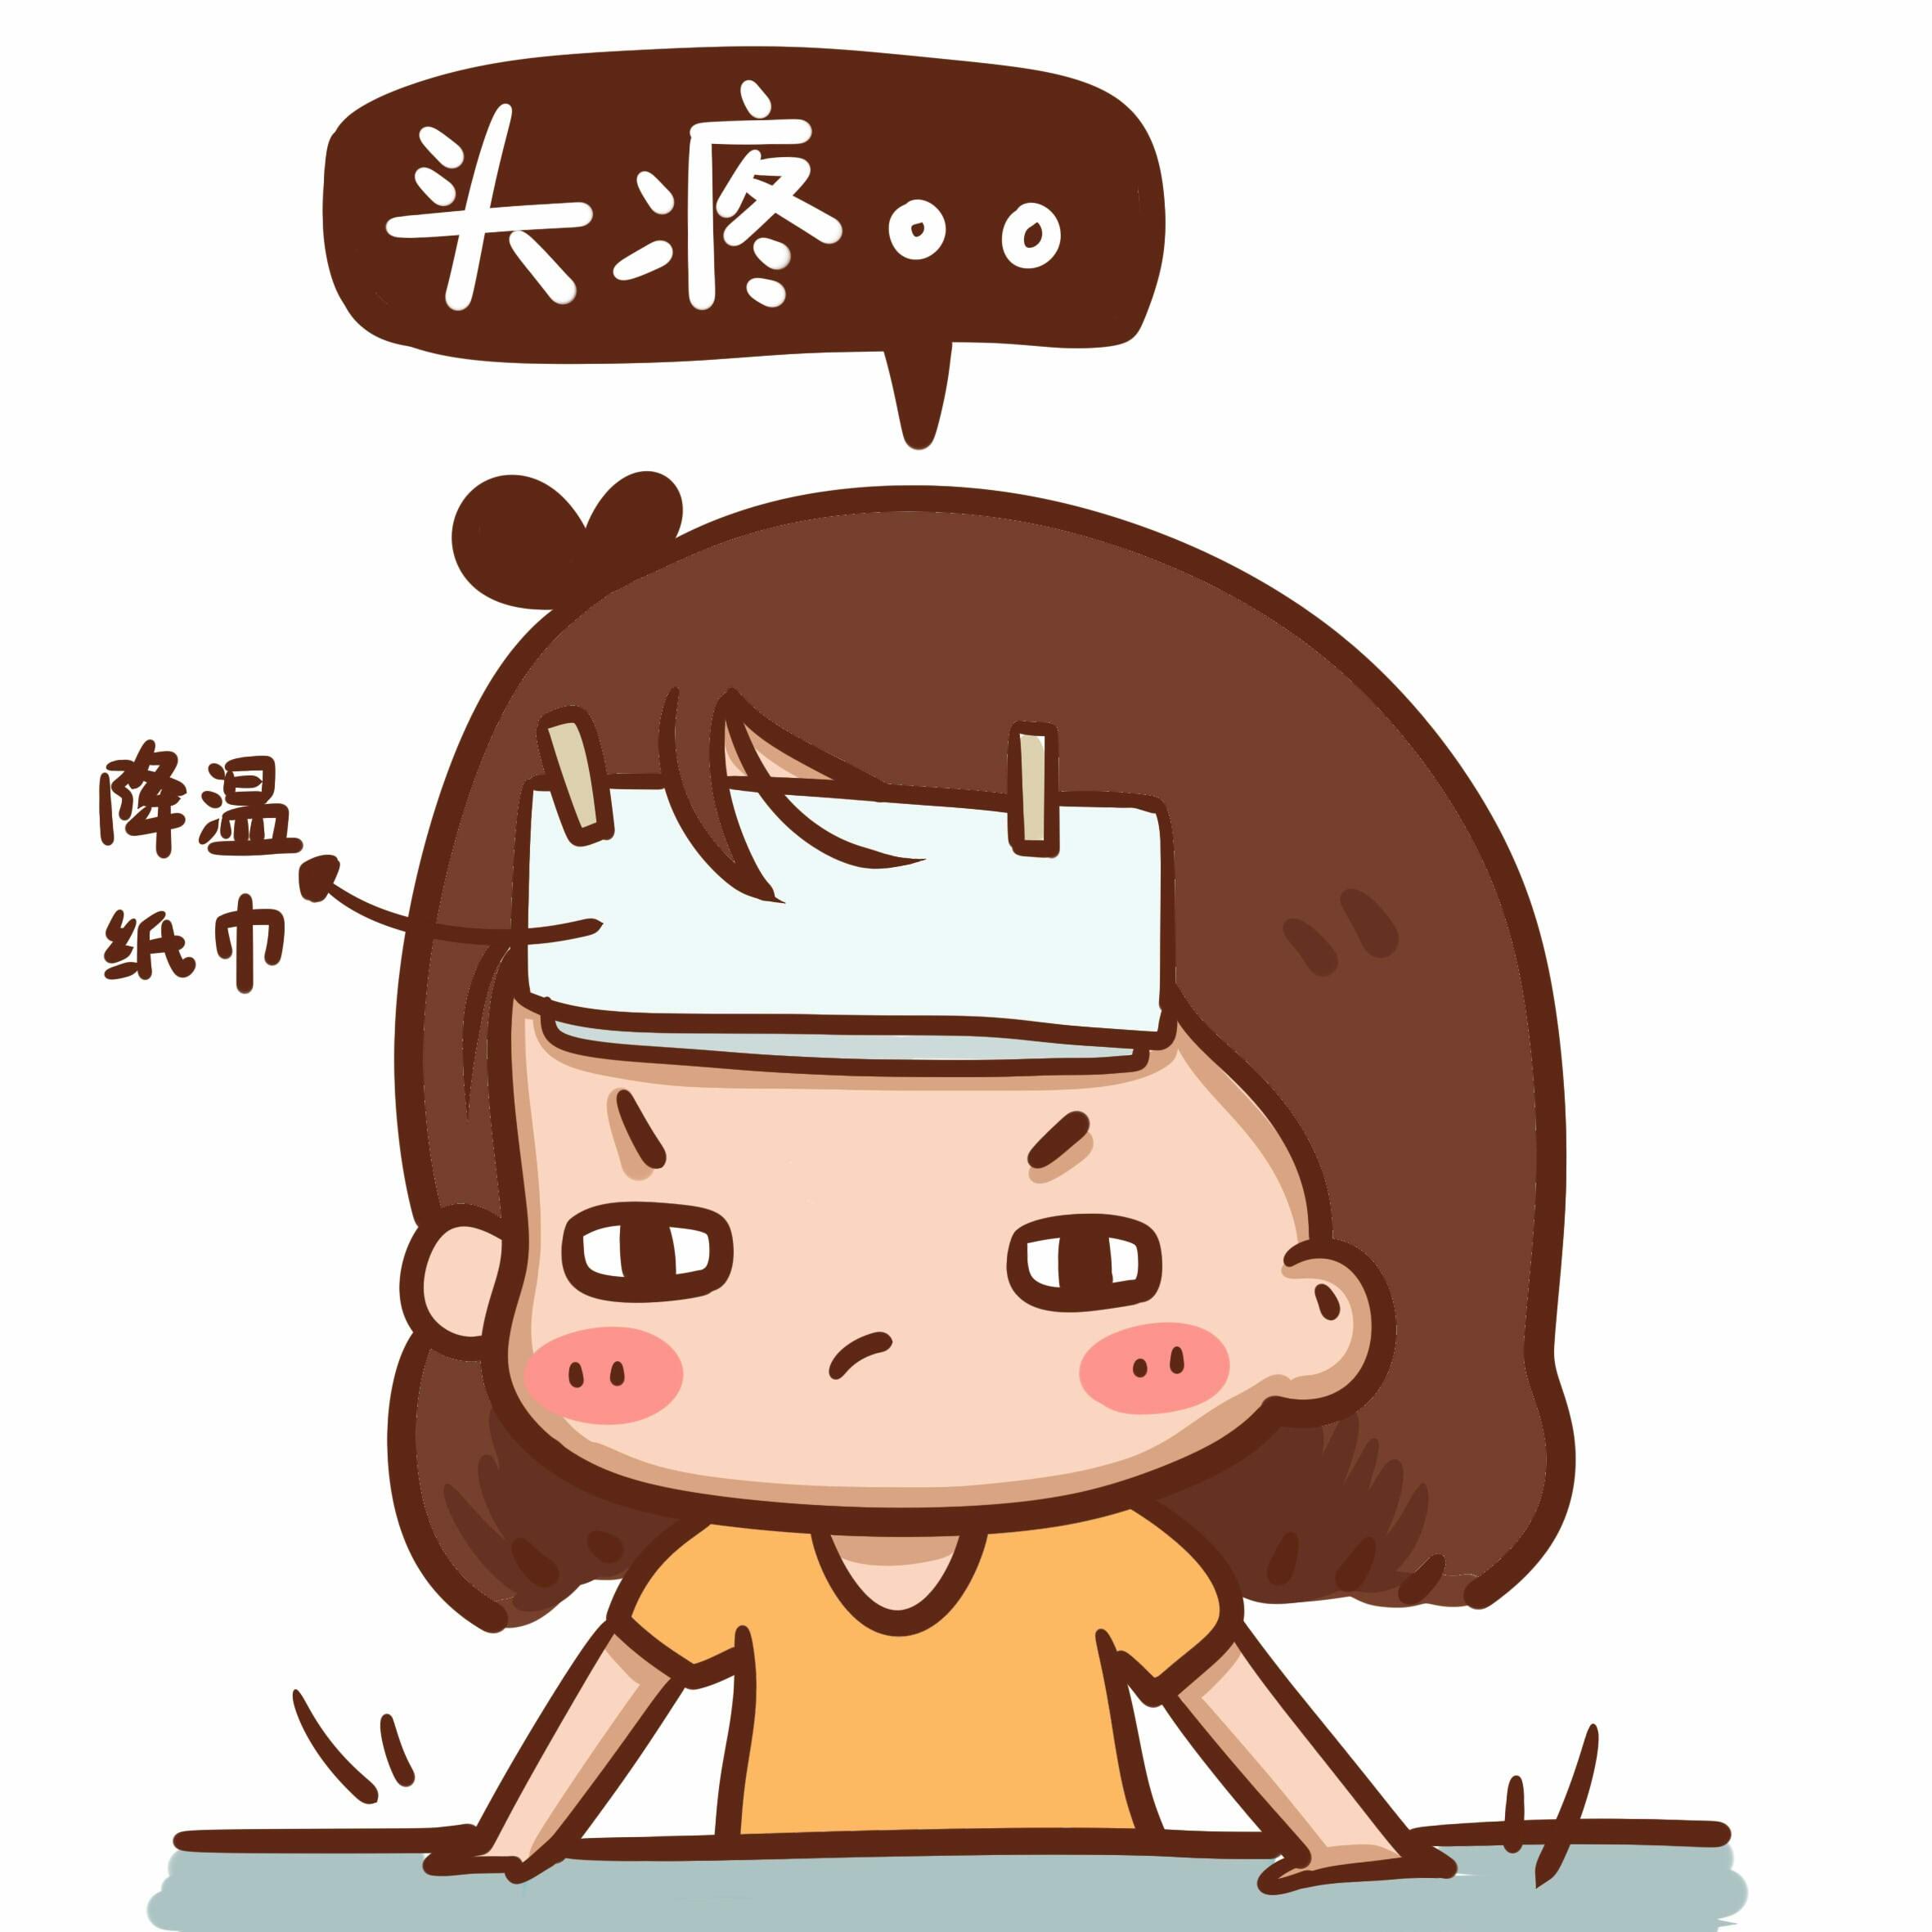 头疼窘迫漫画图片 头疼漫画及字图片